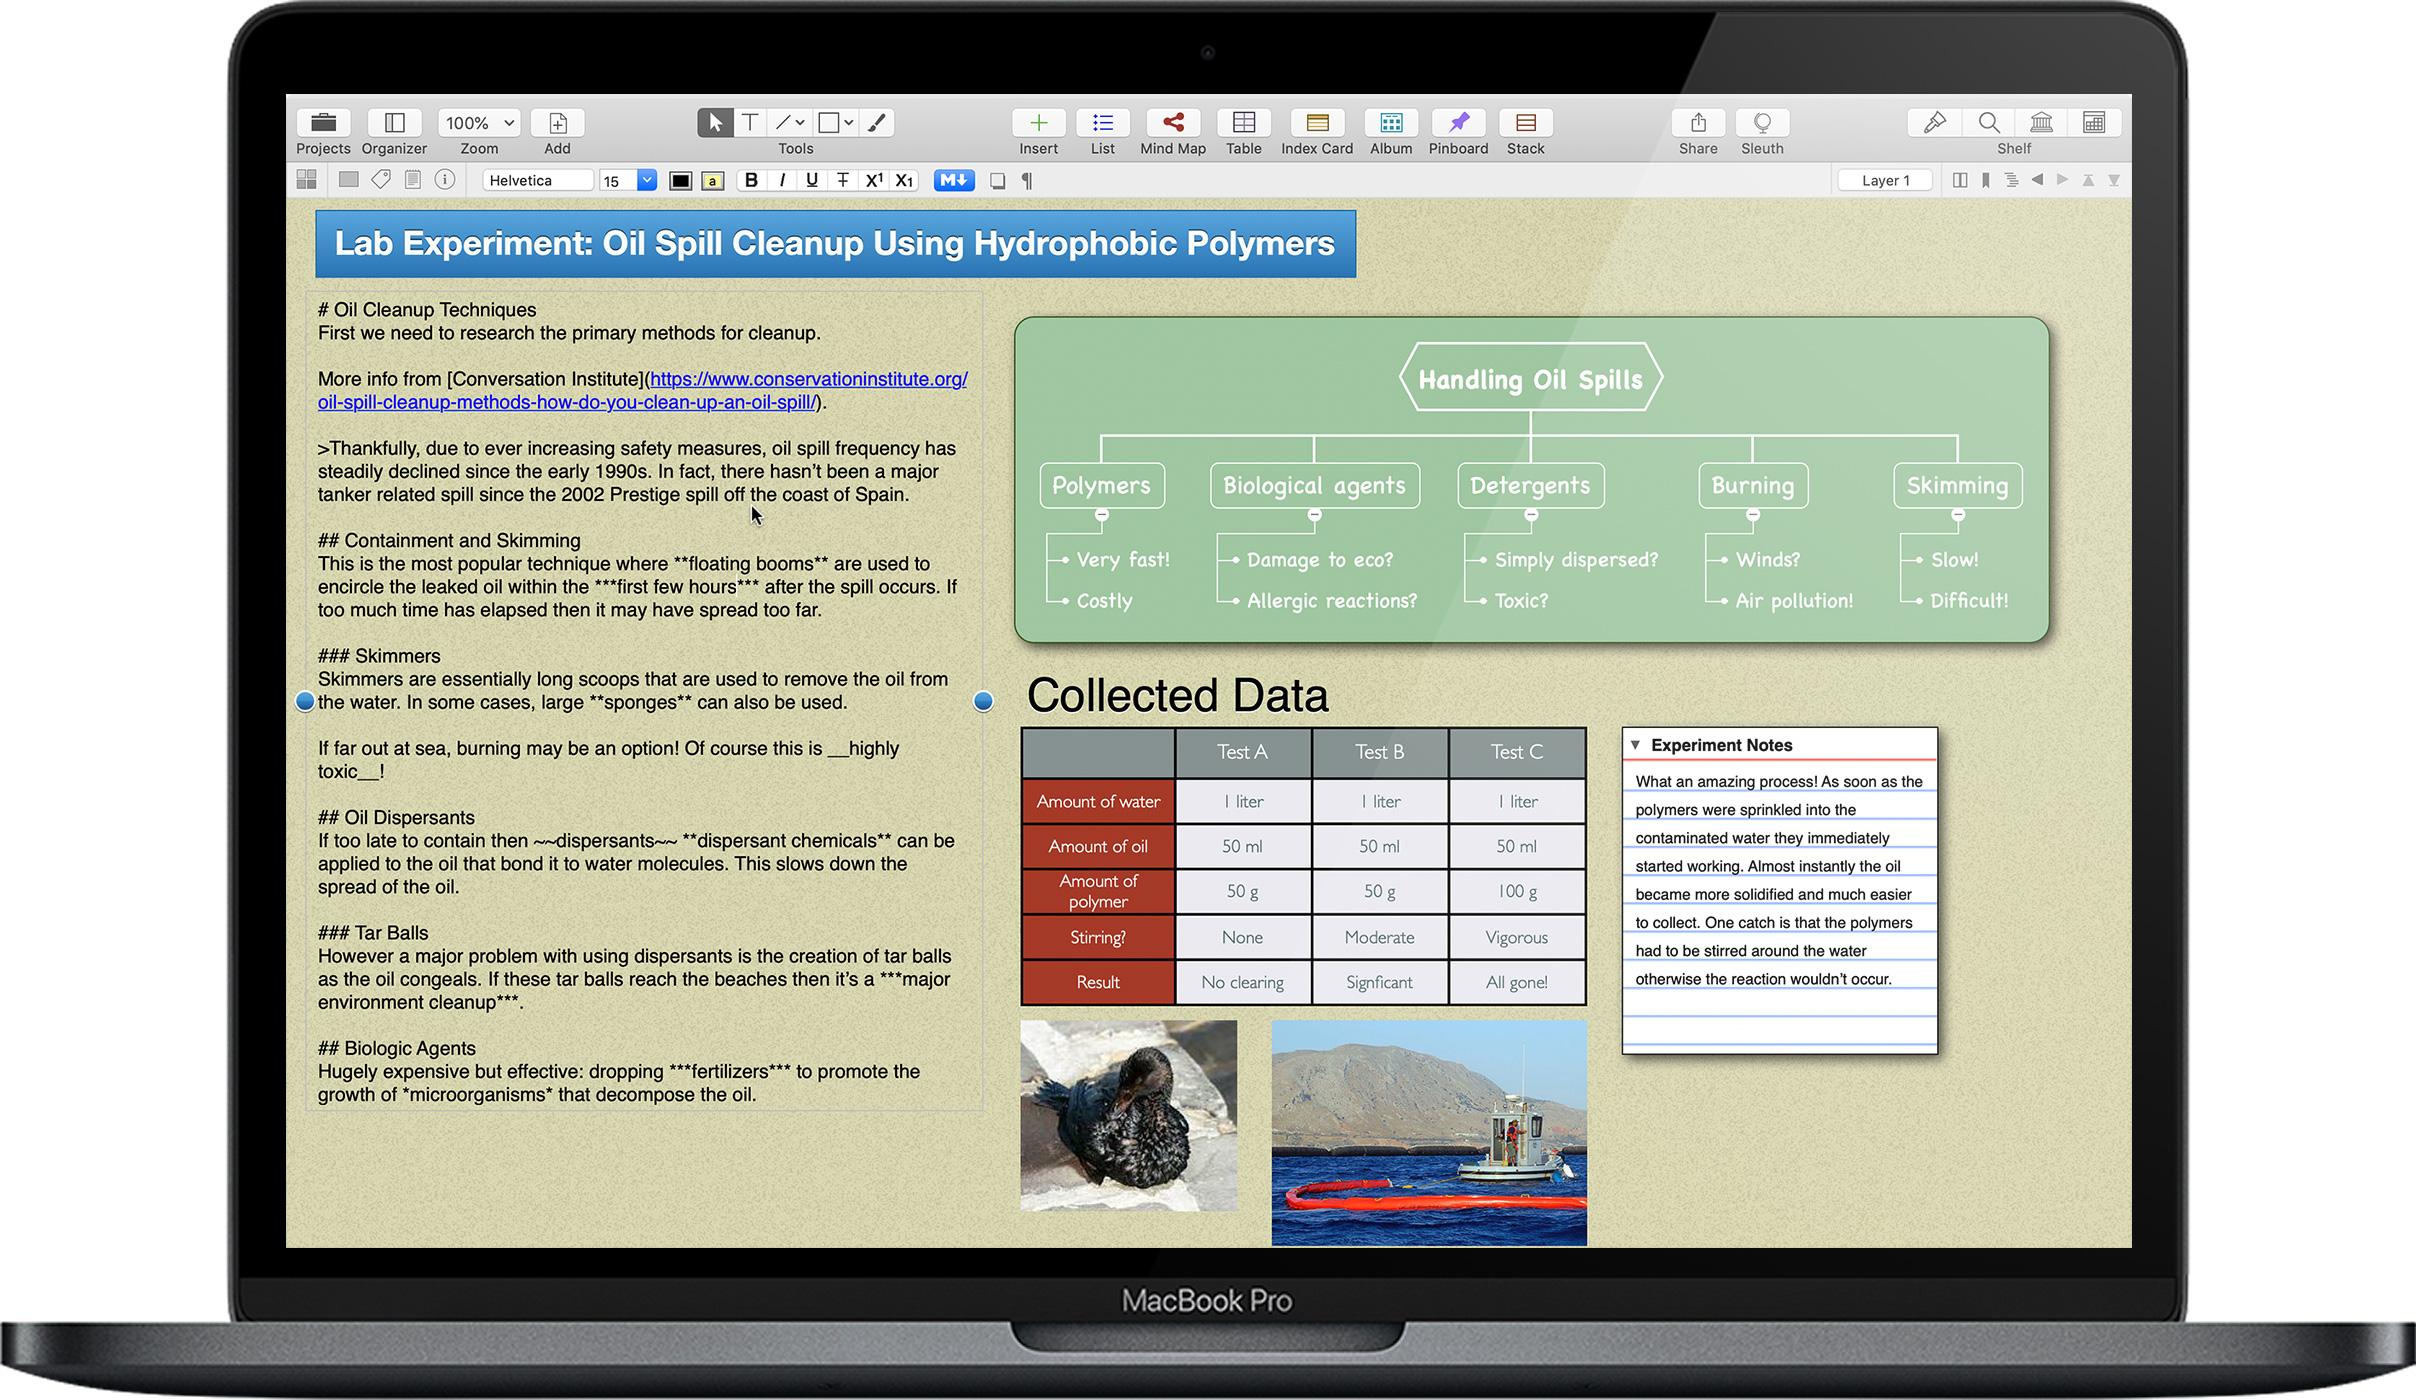 Curio 13.0 Mac 破解版 直观的笔记和思维导图应用-麦氪派